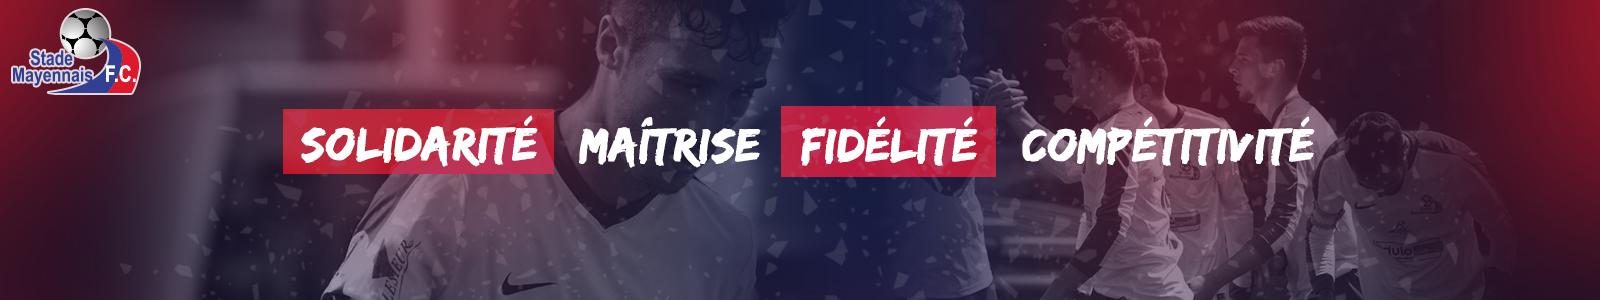 Site Internet officiel du club de football SMFC